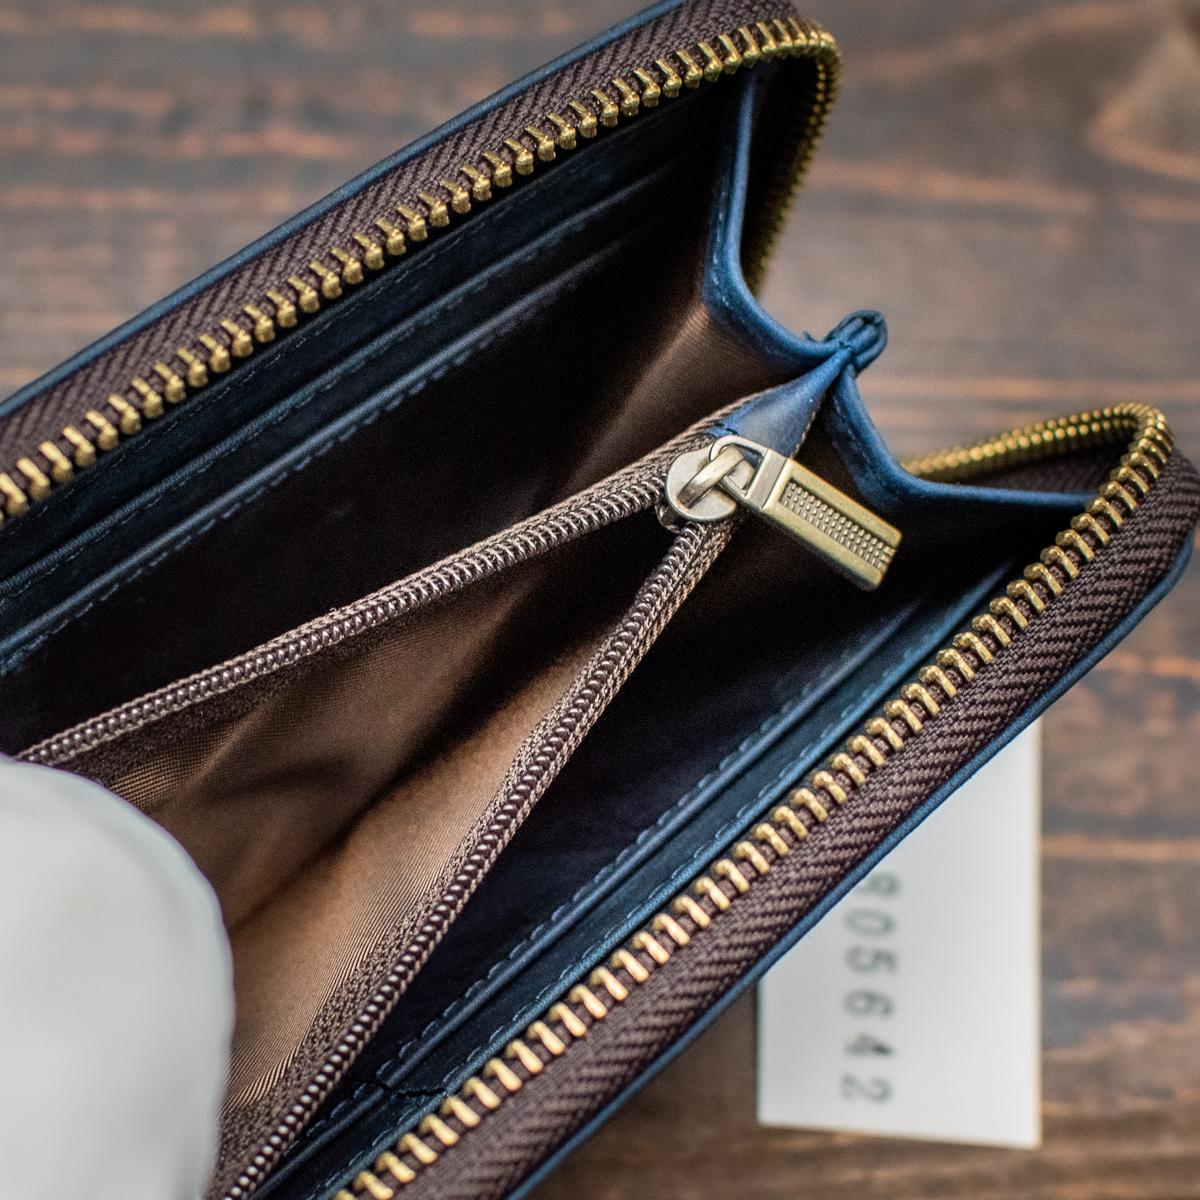 【起毛仕立て】 スエード ヌバック 新品 未使用 送料無料 1円 長財布 財布 メンズ ラウンドファスナー 革 本革 イタリアンレザー ブラウン_画像7